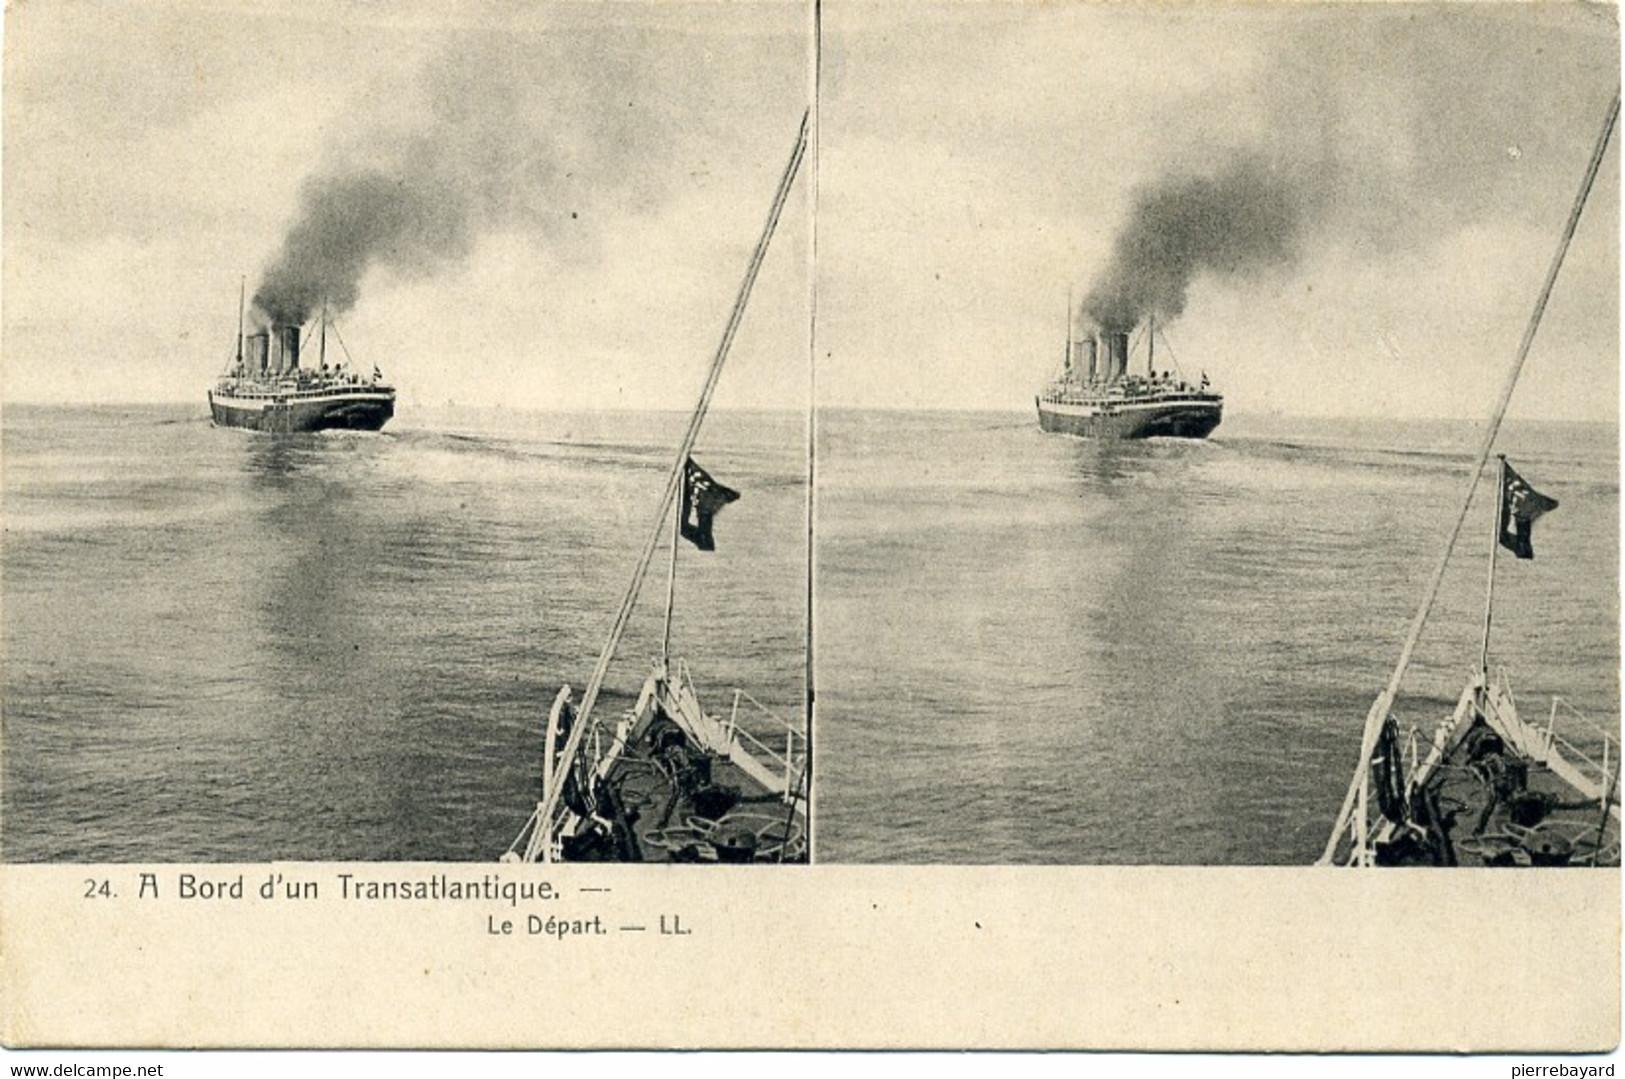 24, A Bord D'un Transatlantique. Le Départ. LL. (Le Kaiser Wilhem Der Grosse). - Stereoscope Cards